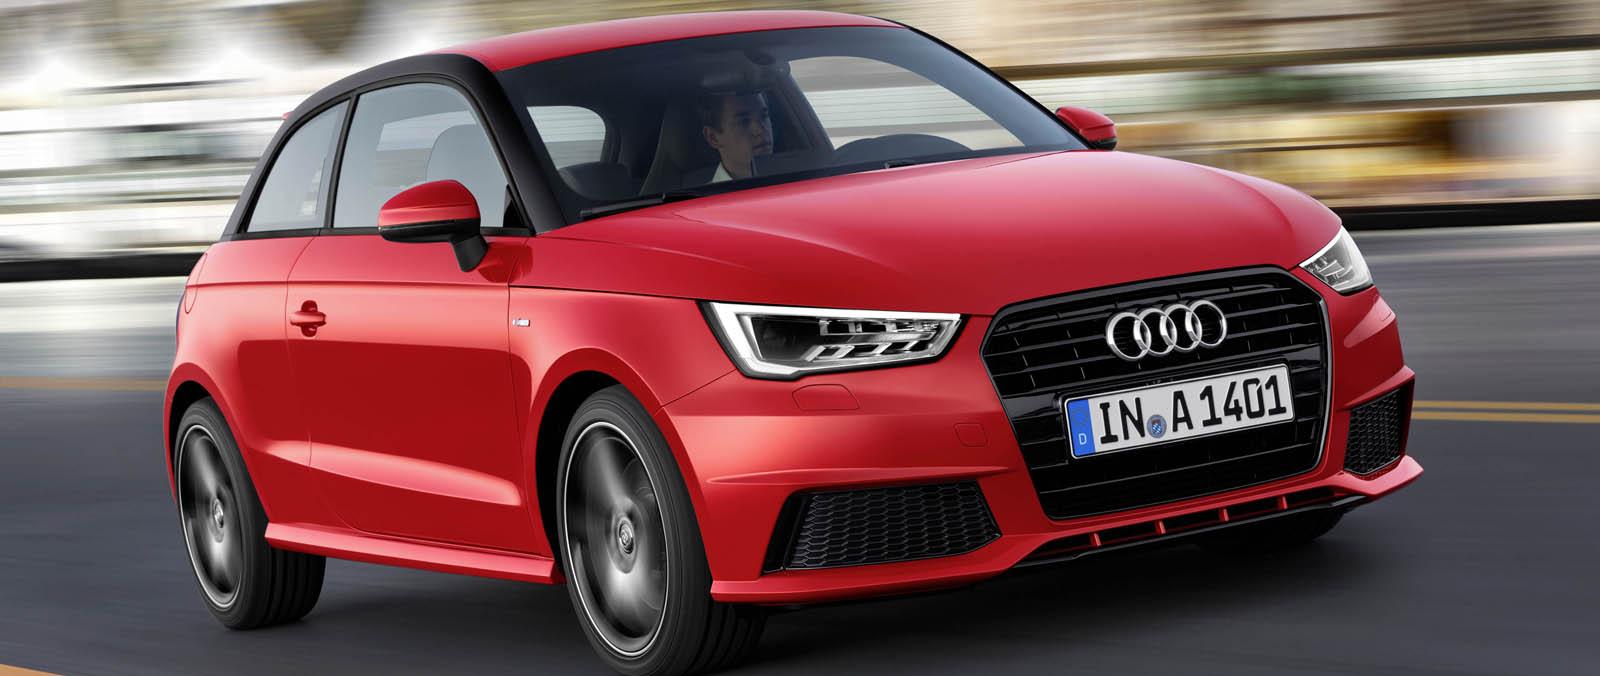 Vernieuwde Audi A1 En A1 Sportback Audi Autoliefhebber Com